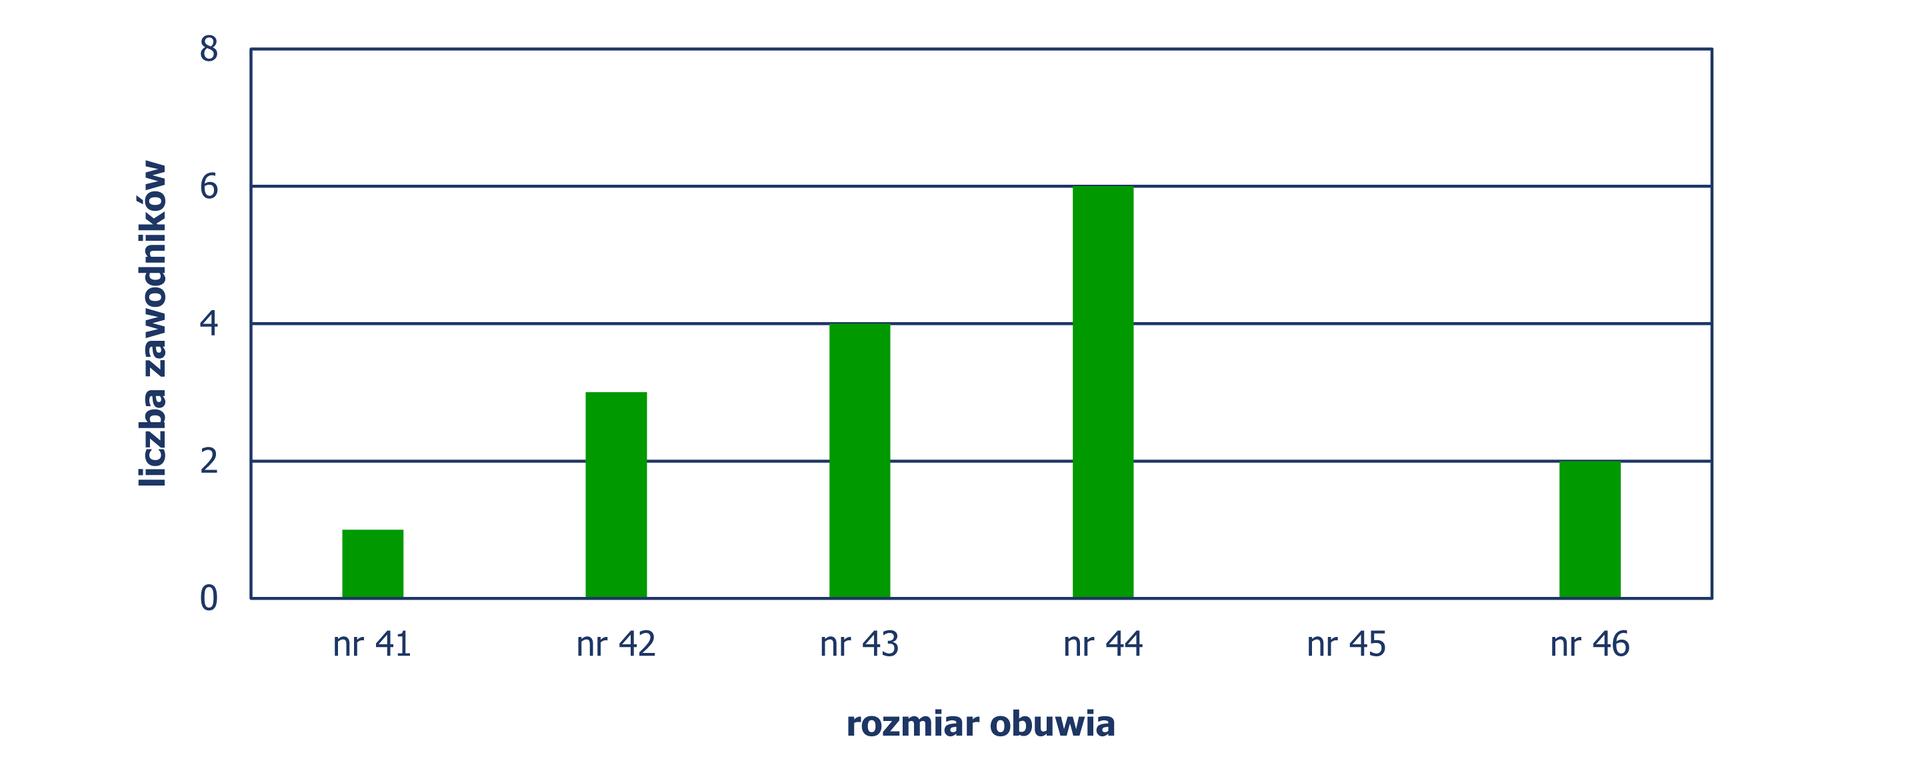 Diagram słupkowy pionowy, zktórego odczytujemy liczbę zawodników wzależności od rozmiaru obuwia jaki noszą. Rozmiar nr 41– 1 zawodnik, rozmiar nr 42 – 3 zawodników, rozmiar nr 43 – 4 zawodników, rozmiar nr 44 – 6 zawodników, rozmiar nr 46 – 2 zawodników.